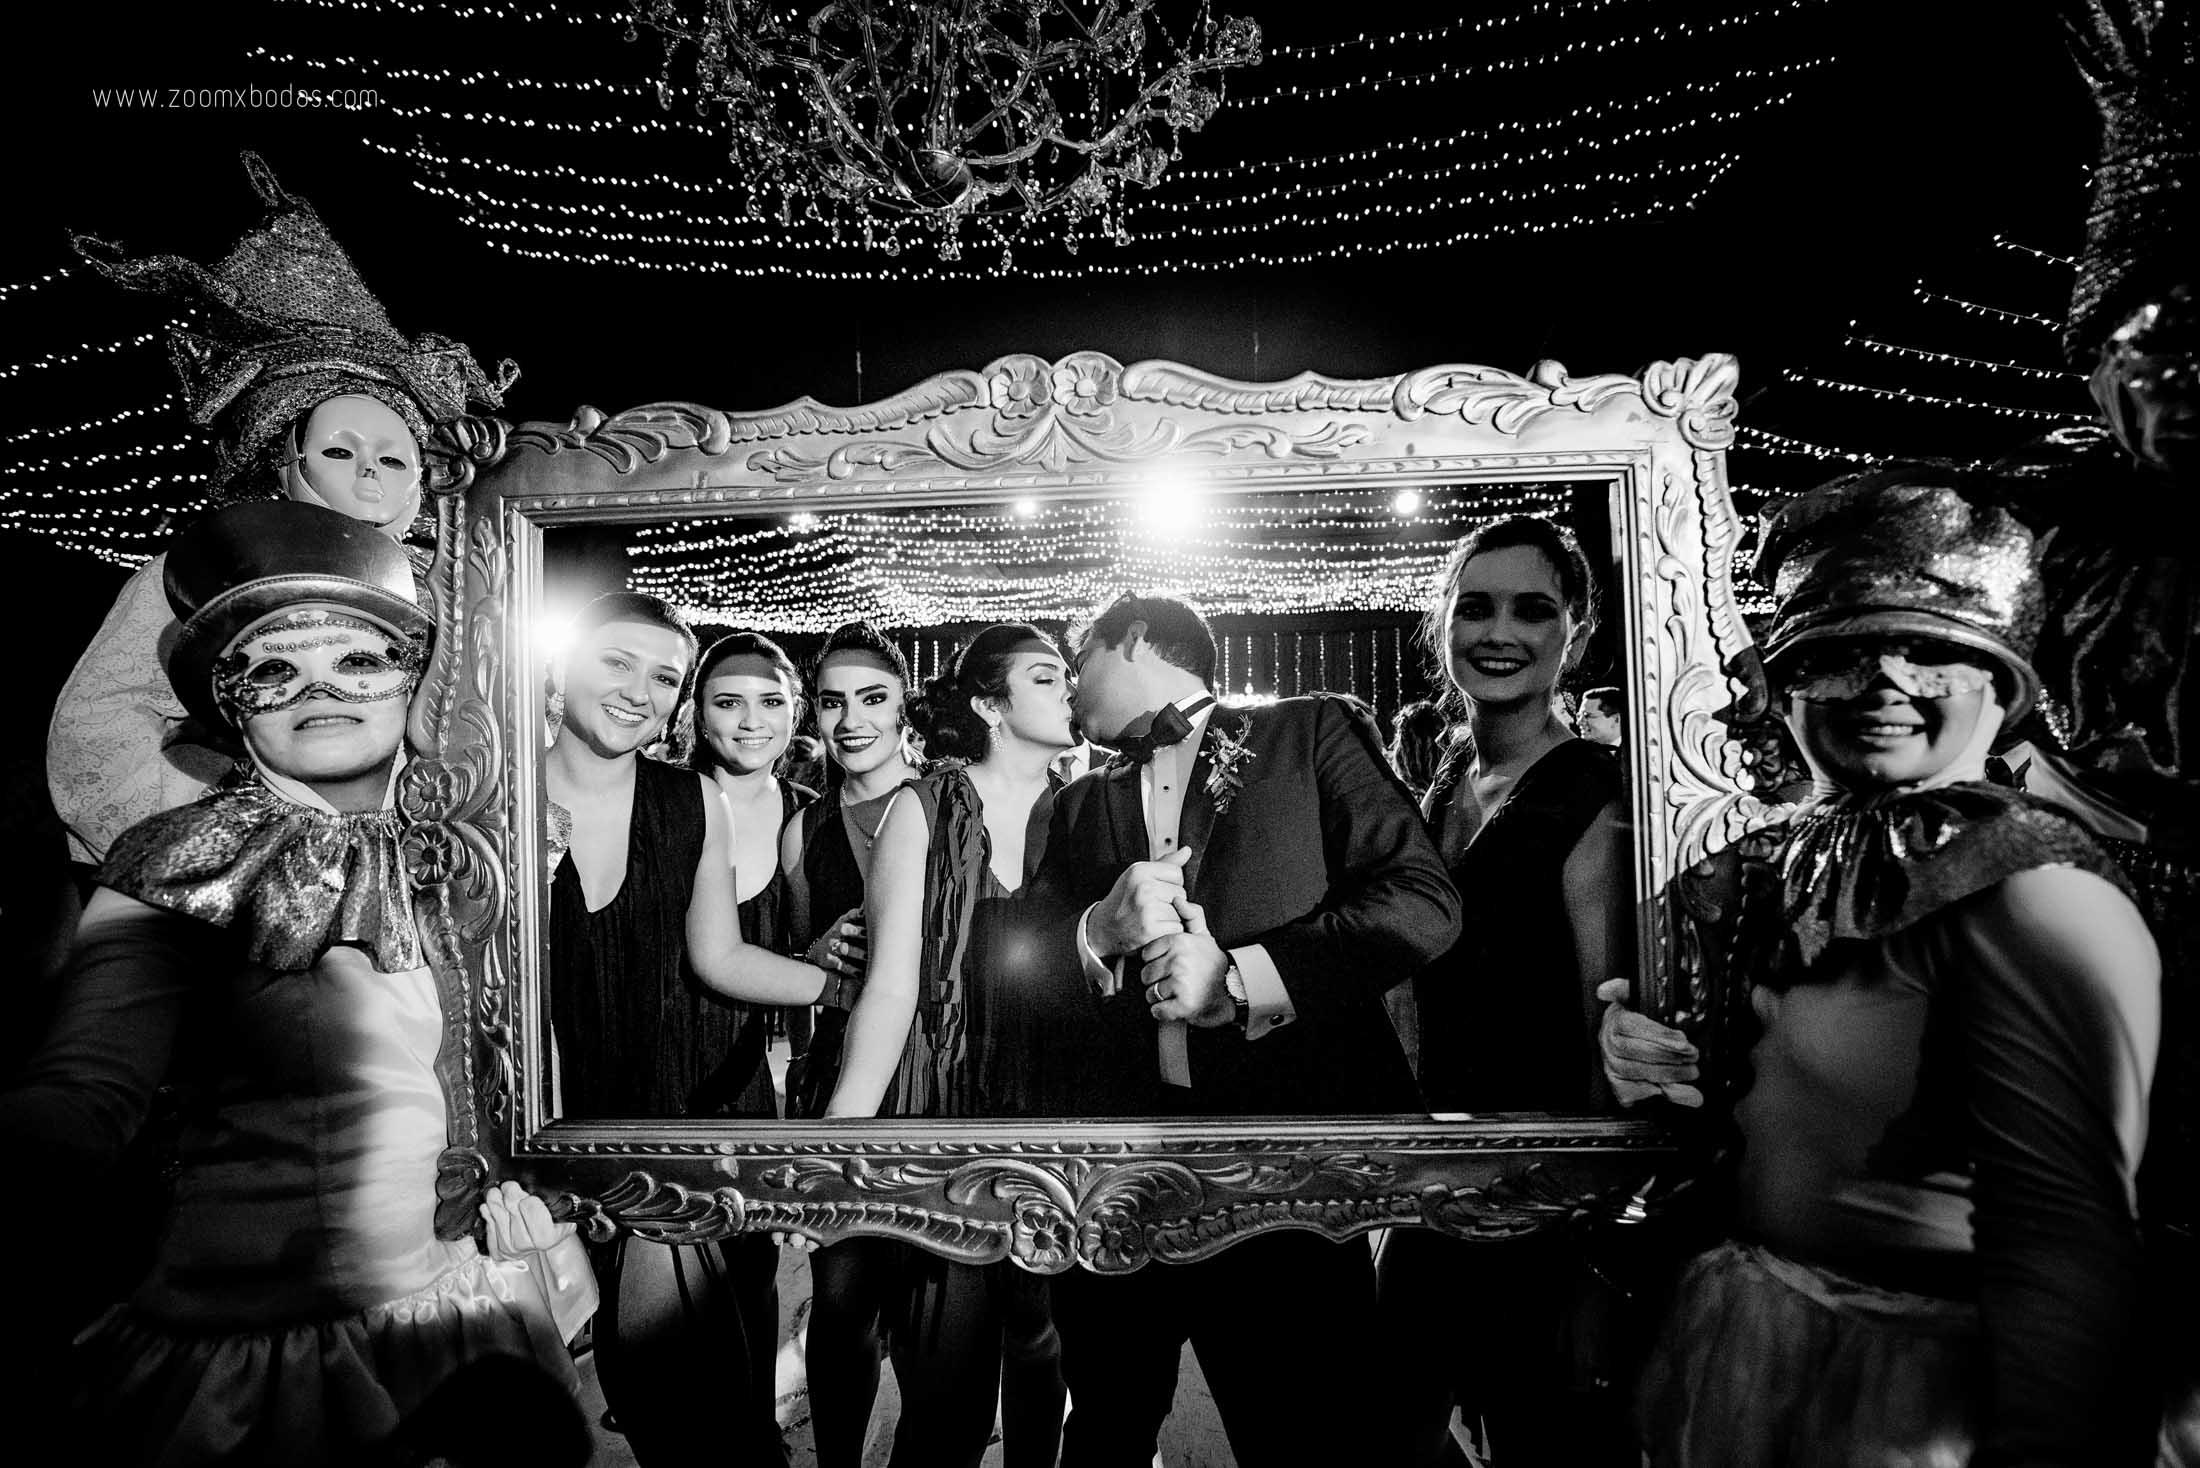 rosella y carlos, boda en piura, fotografo de boda en piura, fotografia de boda en peru, fotografo de boda, zoomx bodas, erick ruiz, zoomx films, bodas de noche en piura